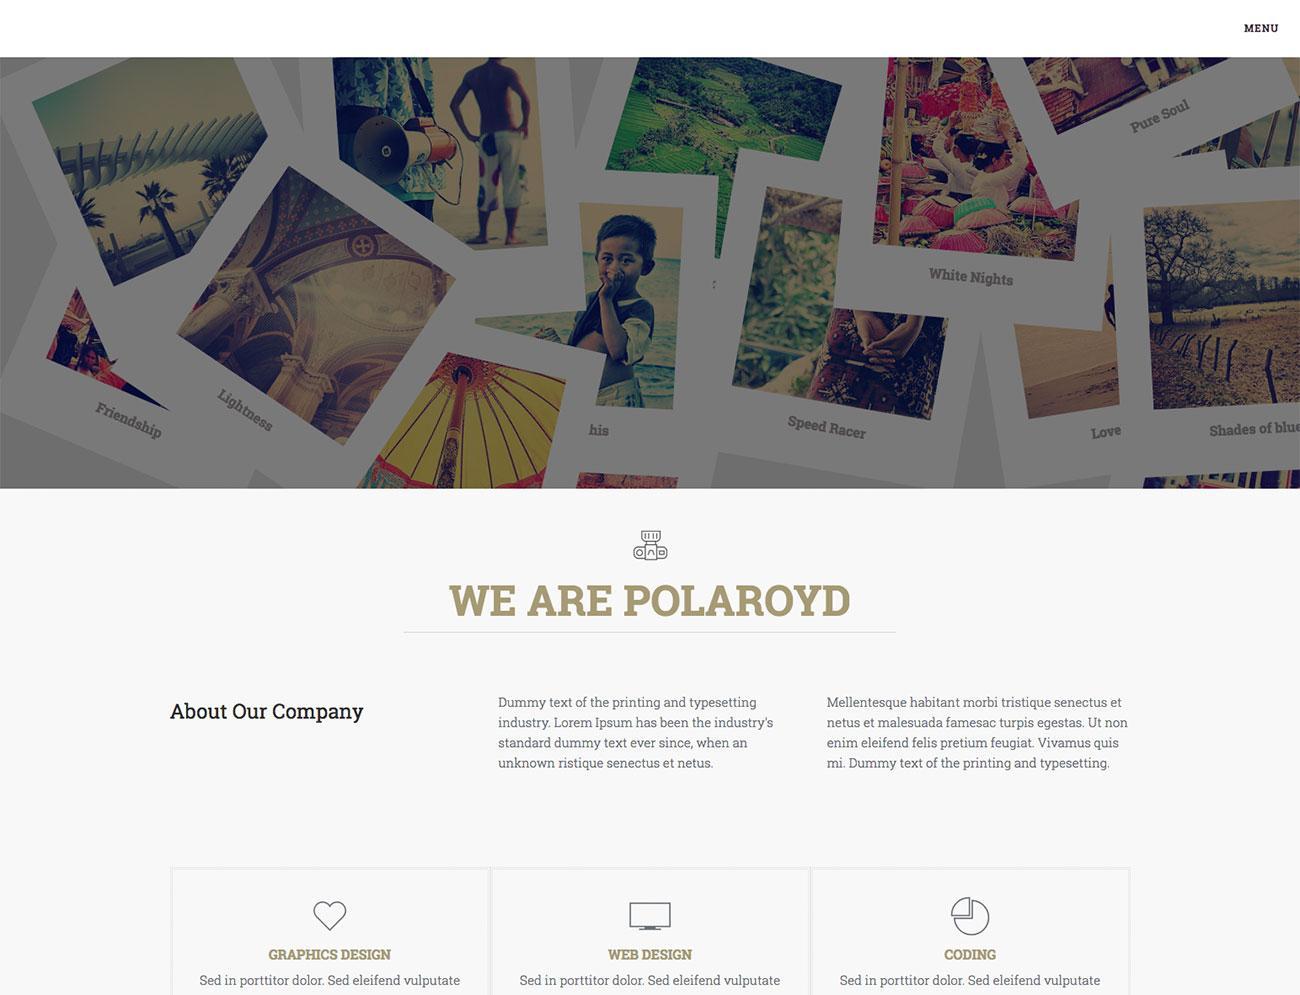 Free Bootstrap themes - Polaroyd